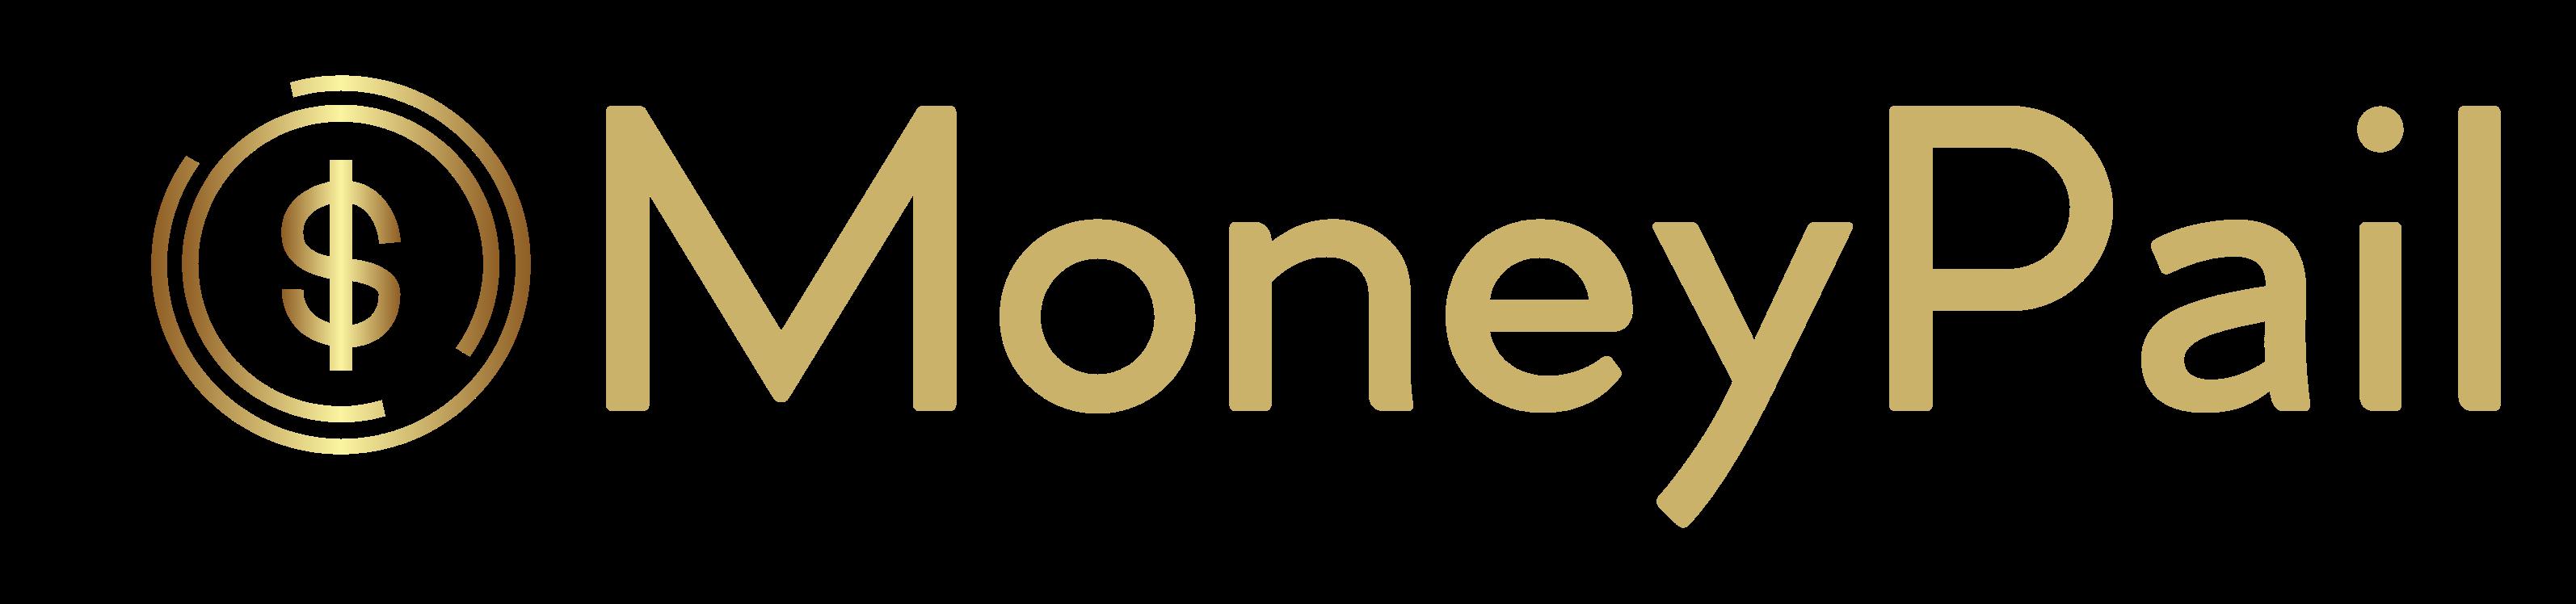 MoneyPail logo desktop